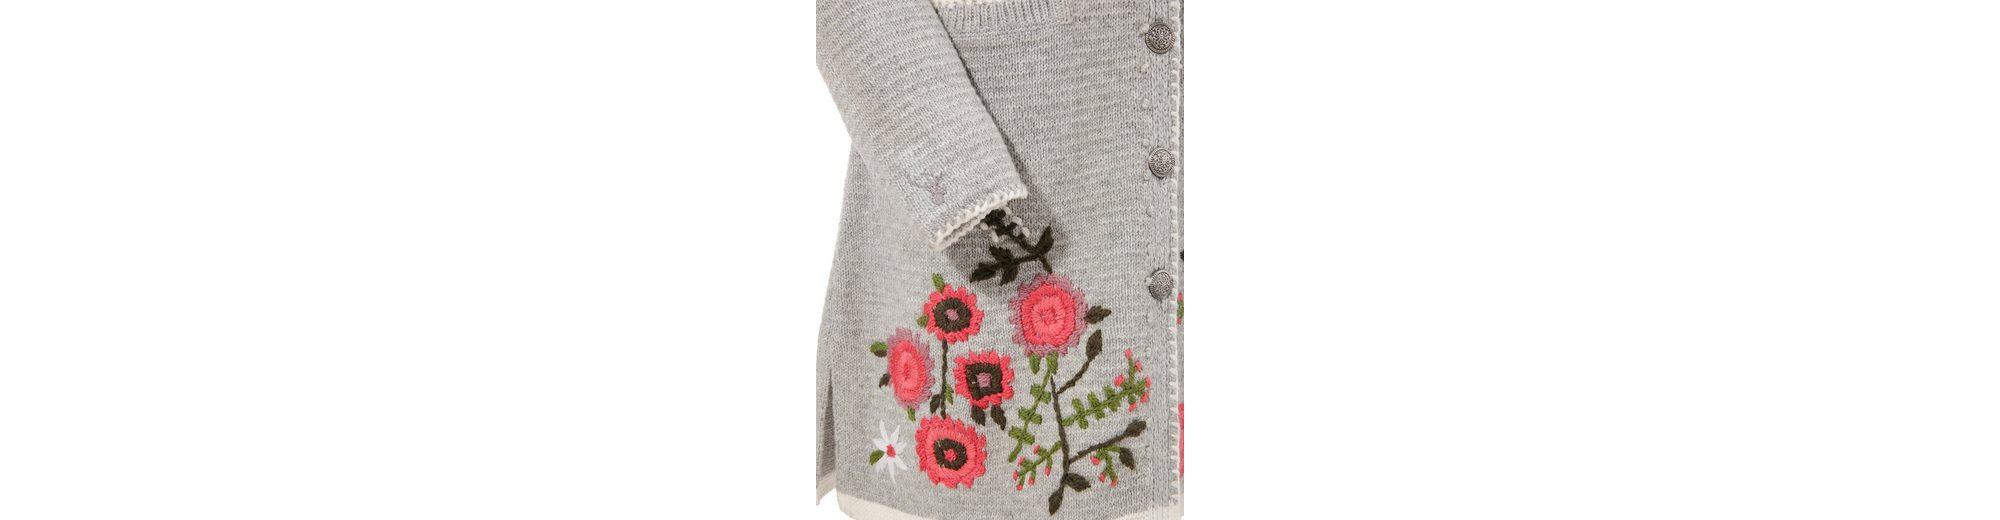 Billige Angebote Spieth & Wensky Trachtenstrickjacke Damen mit Blumen bestickt Billig Verkauf Angebote A7jPoWHL